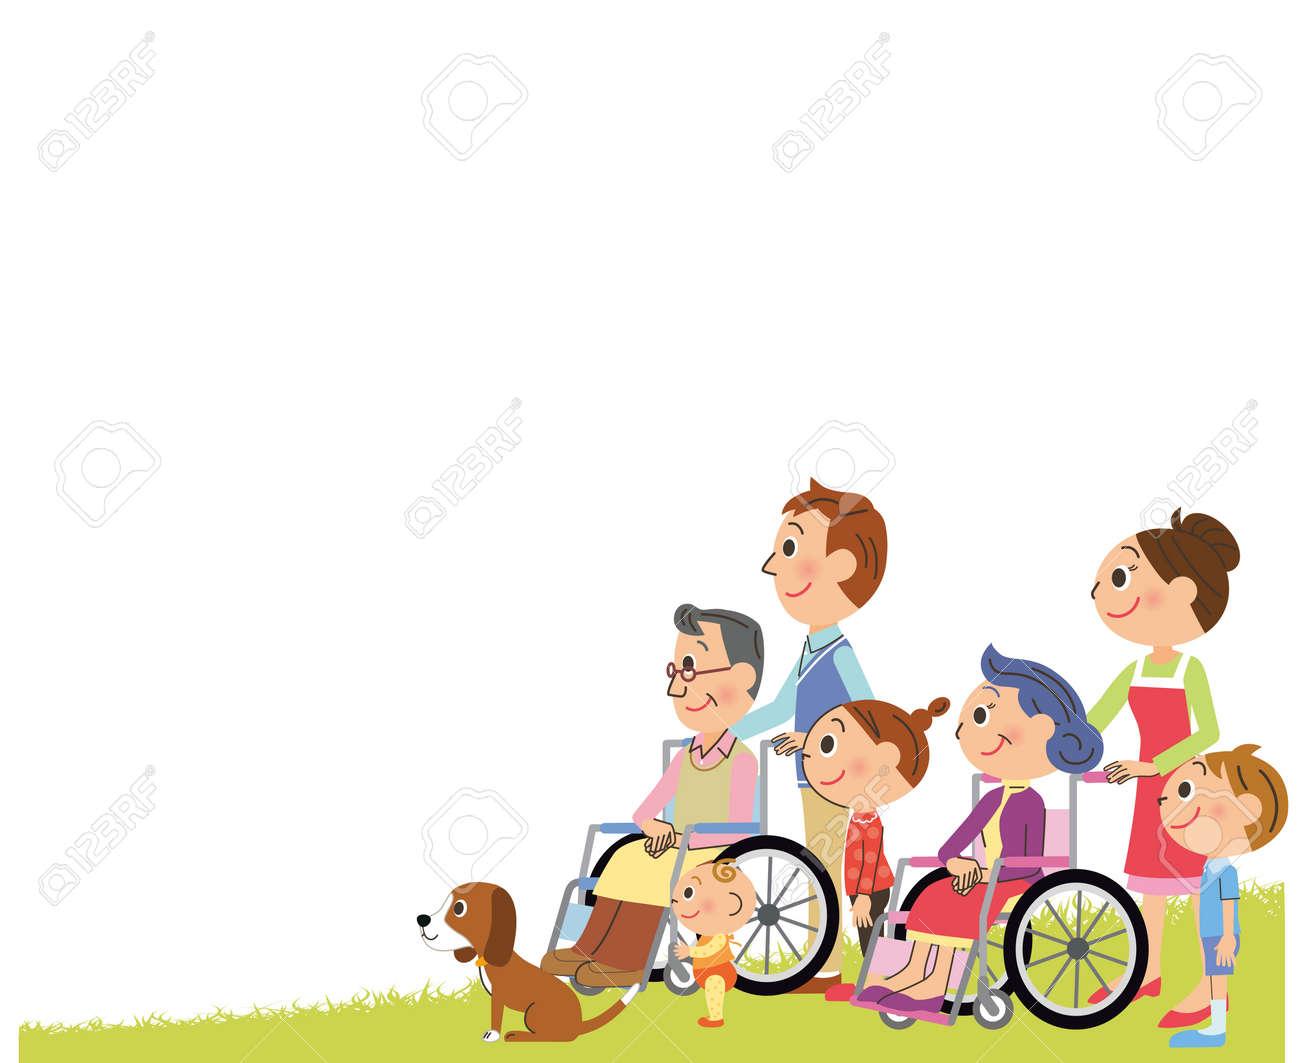 車椅子3代目家族横イラスト のイラスト素材 ベクタ Image